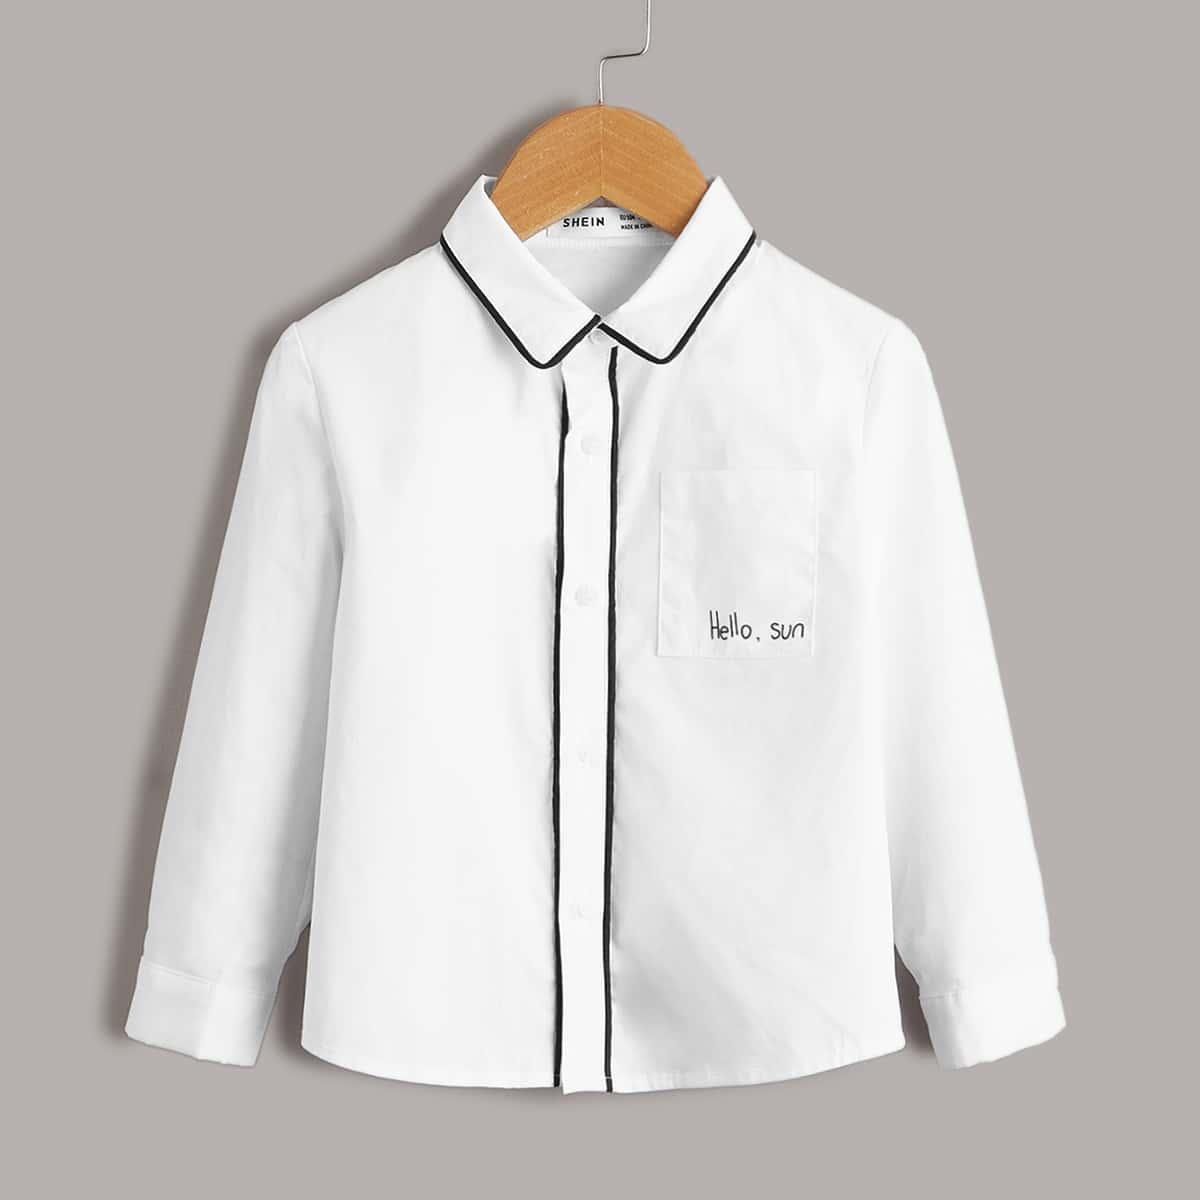 Рубашка с текстовым рисунком для мальчиков